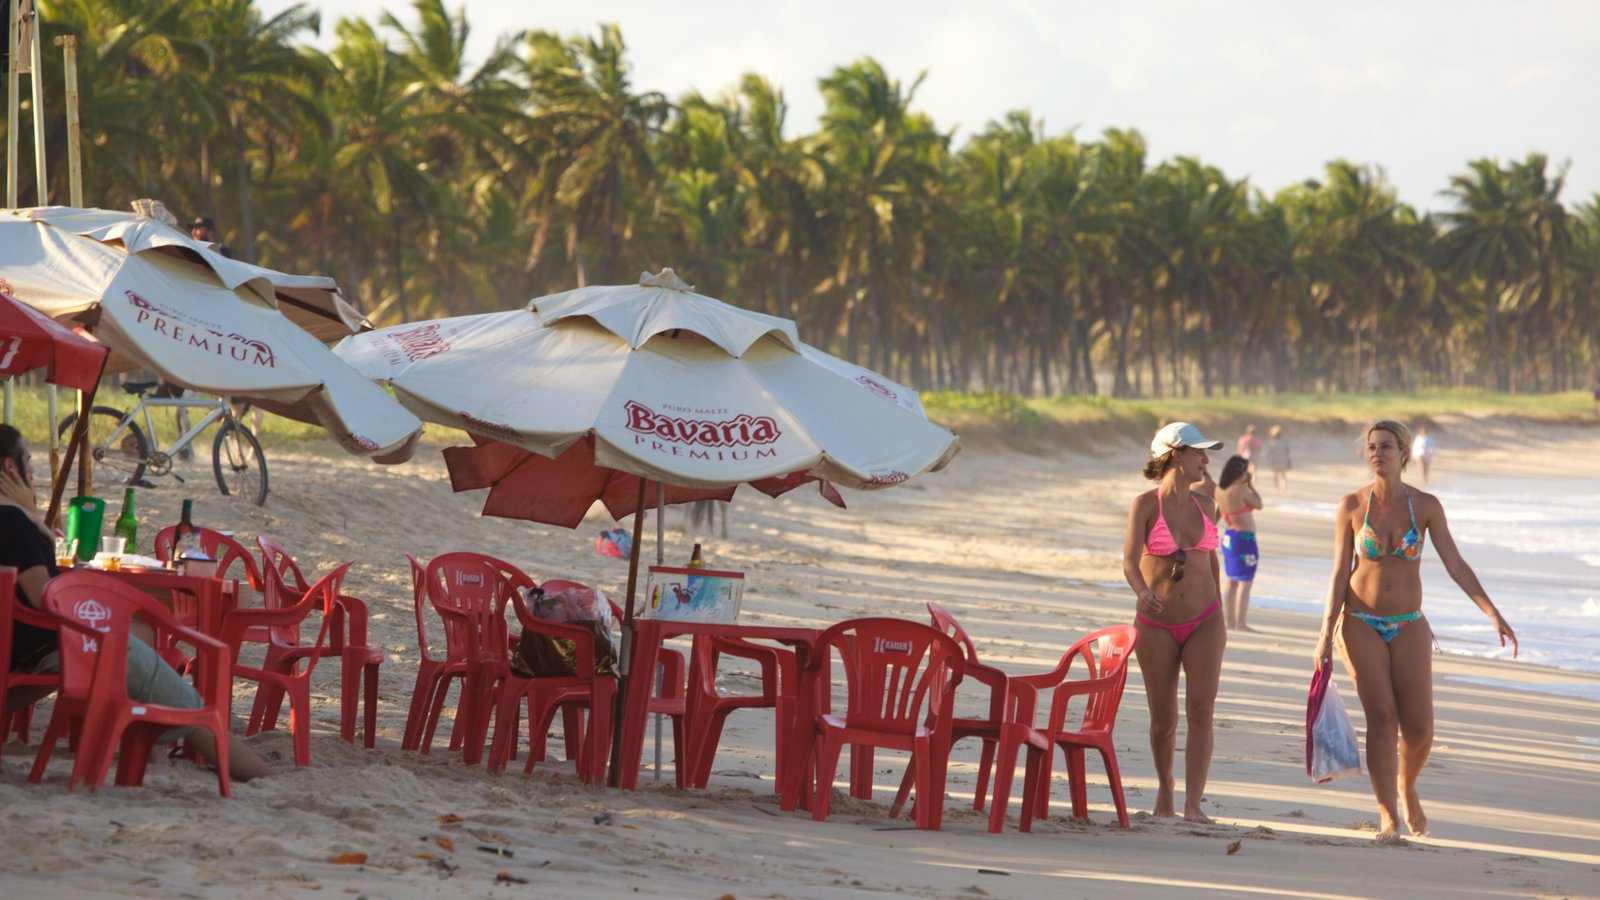 Praia de Maracaípe mostrando jantar ao ar livre, cenas tropicais e paisagens litorâneas